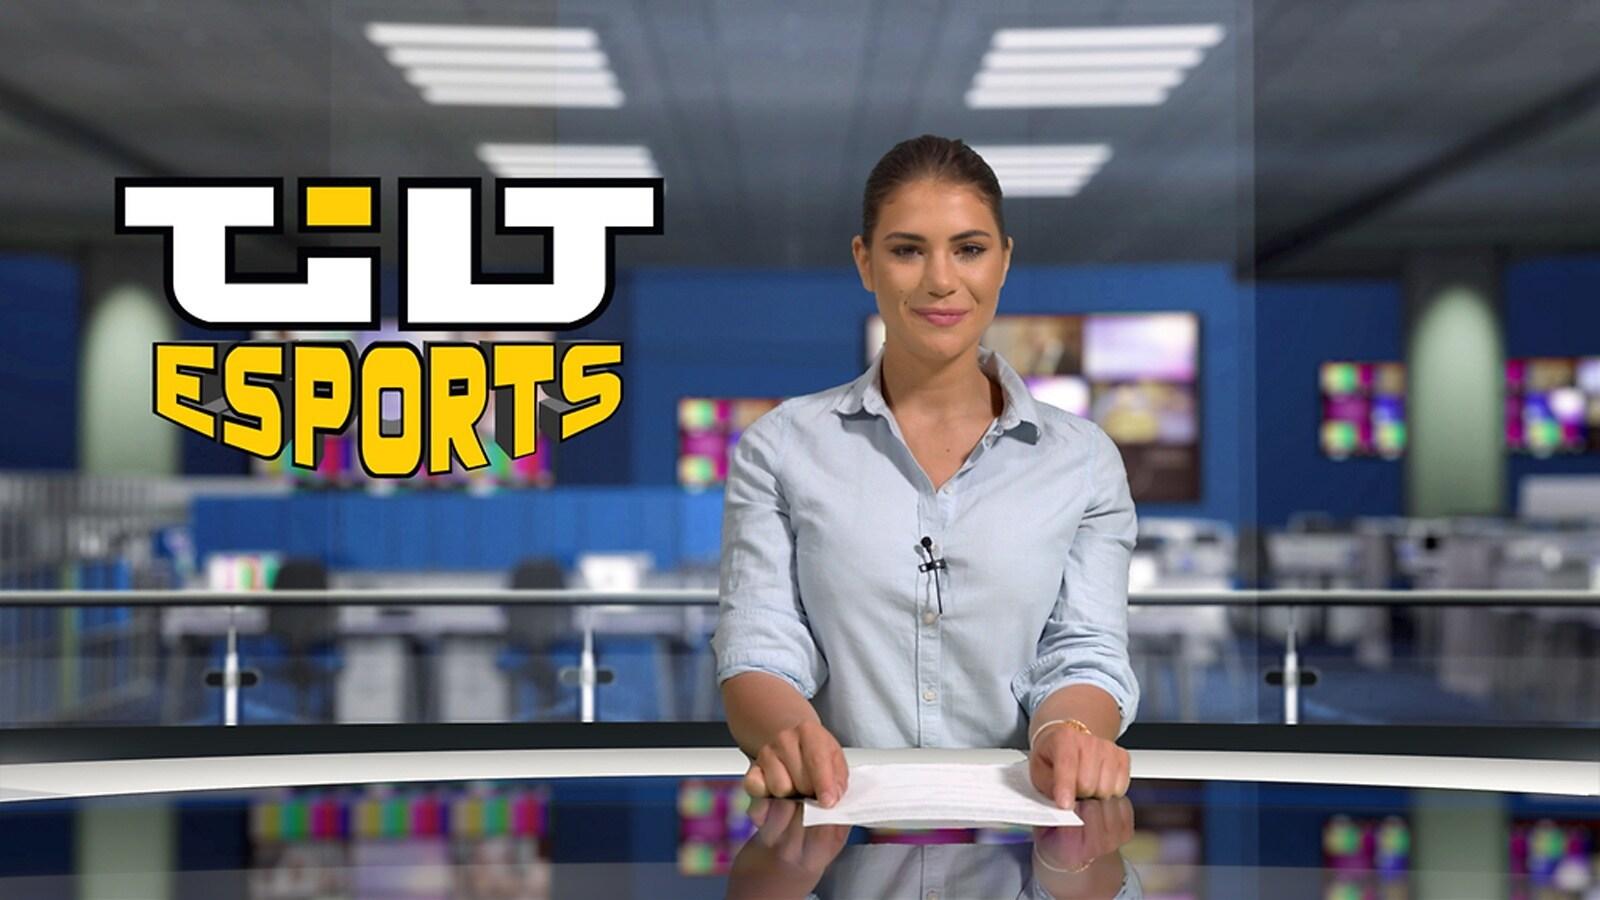 Tilt Esports